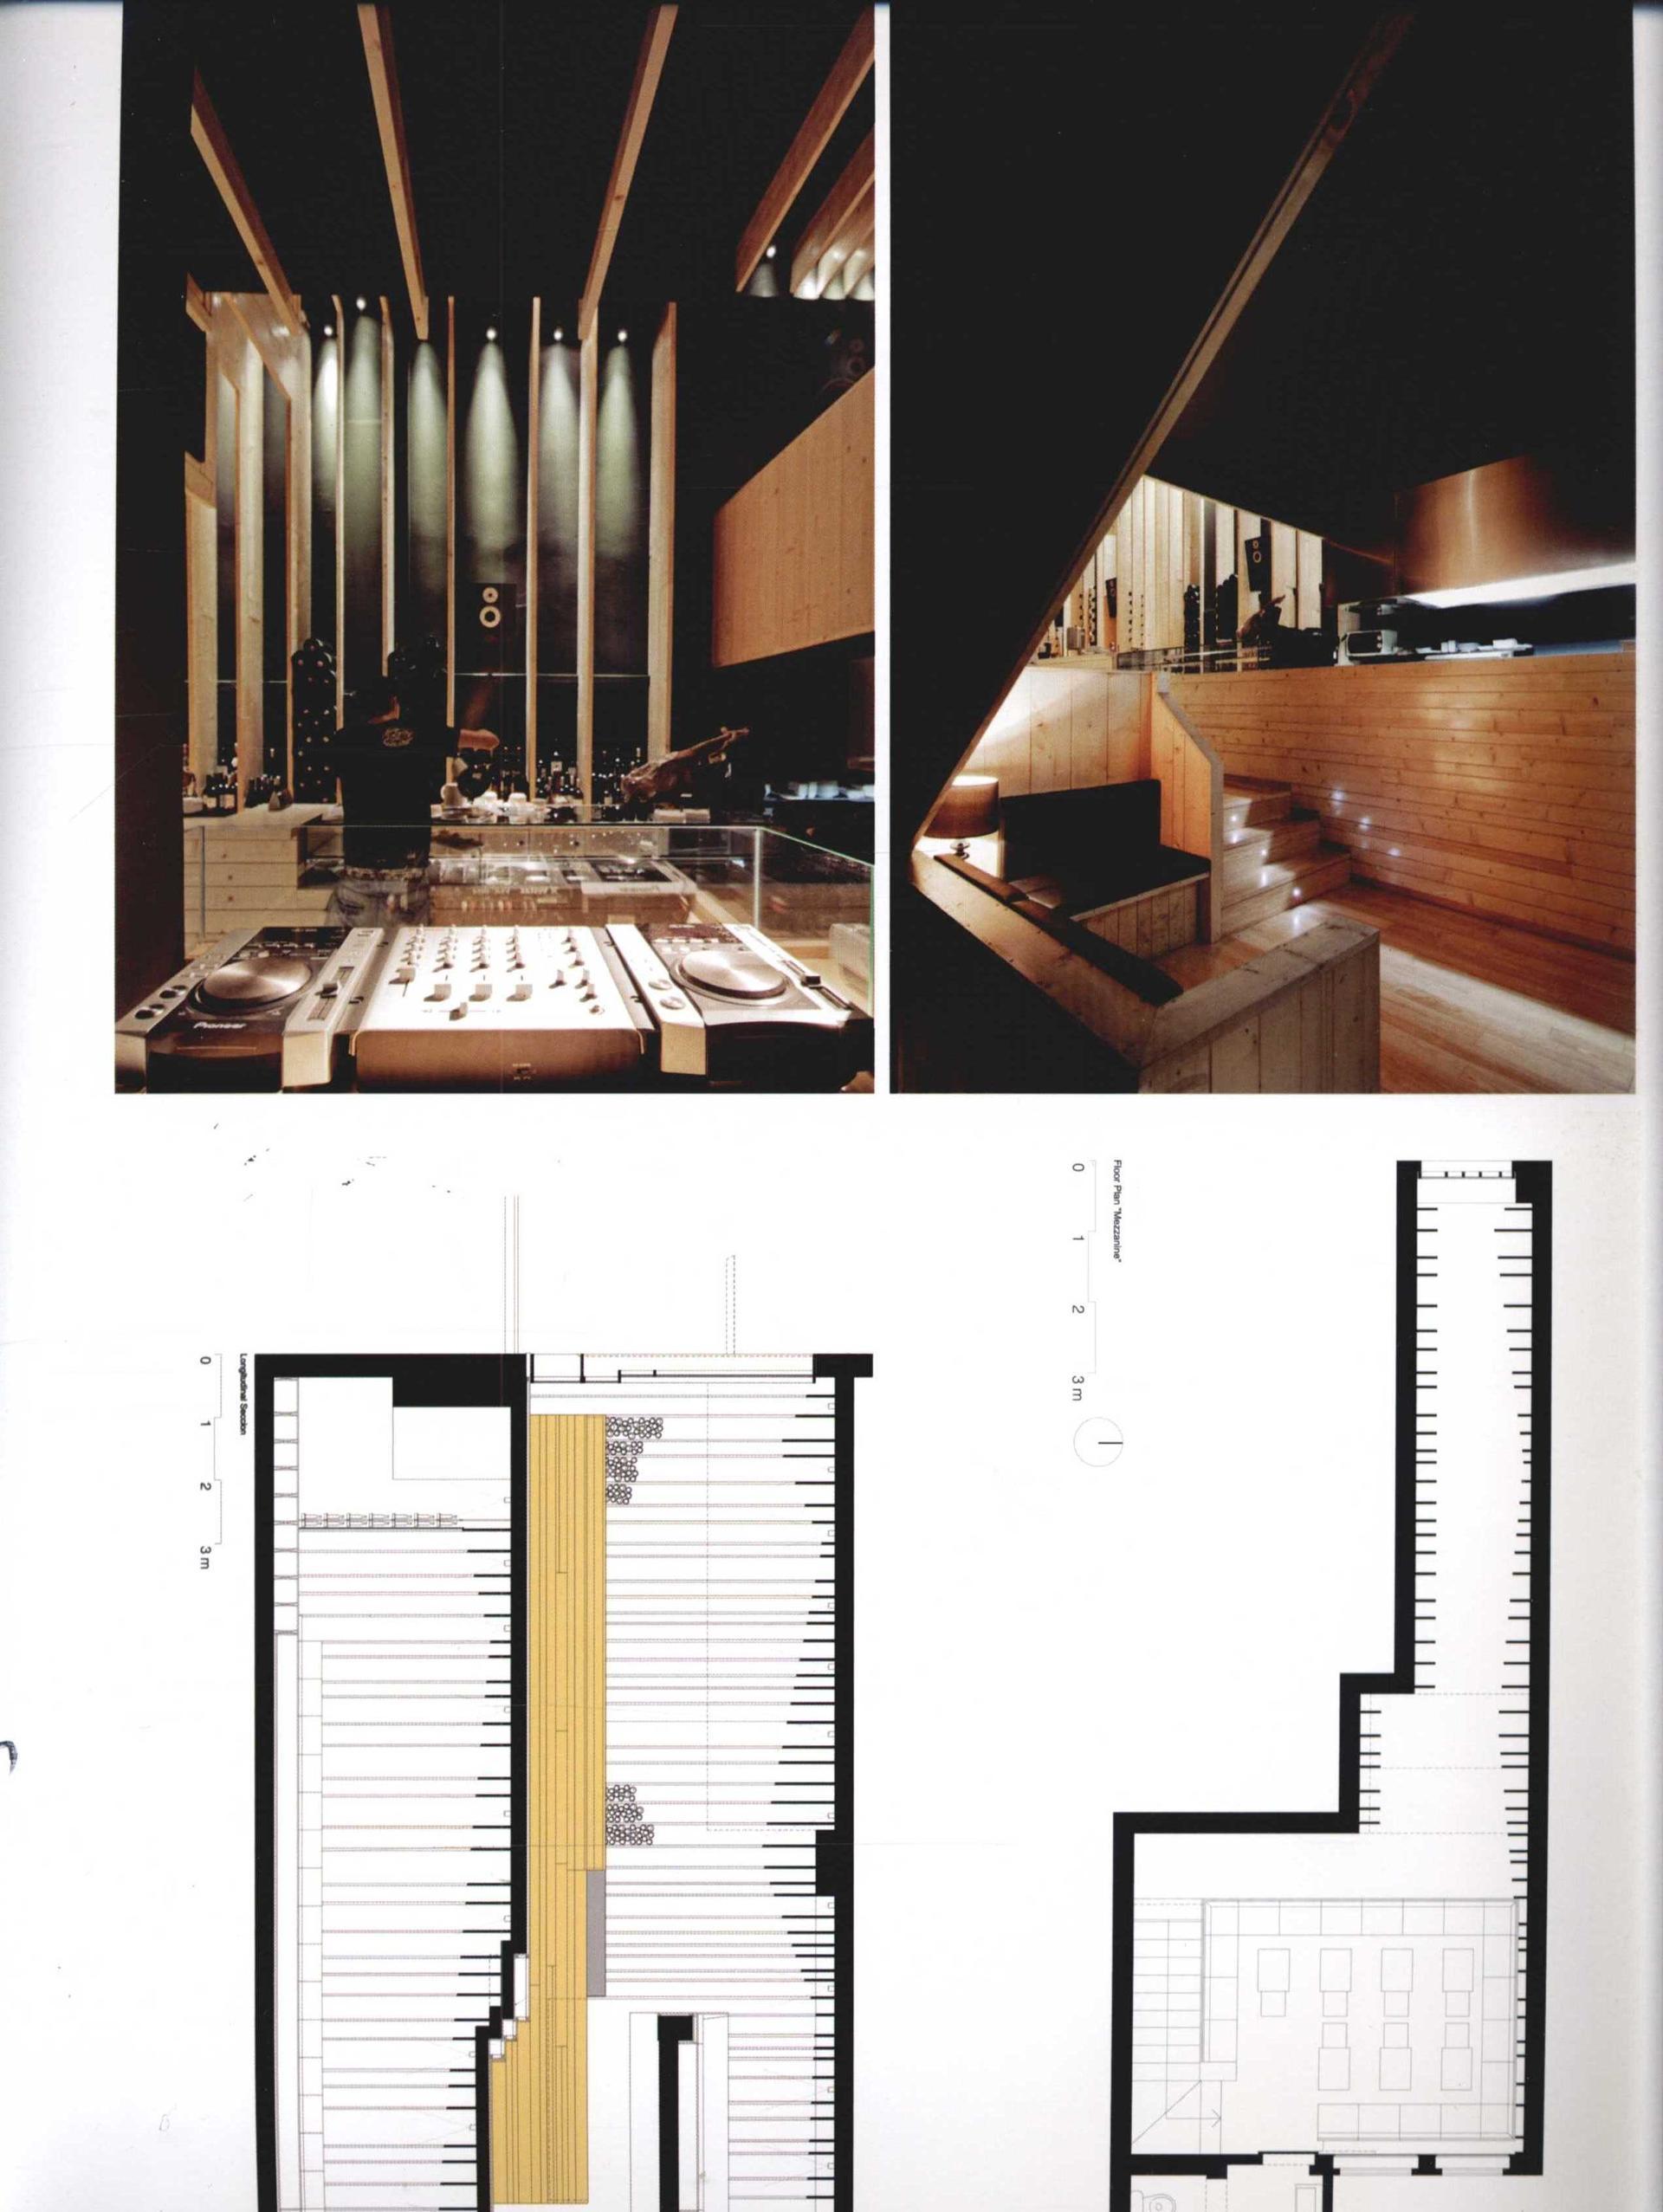 2012全球室内设计年鉴  餐饮_Page_248.jpg